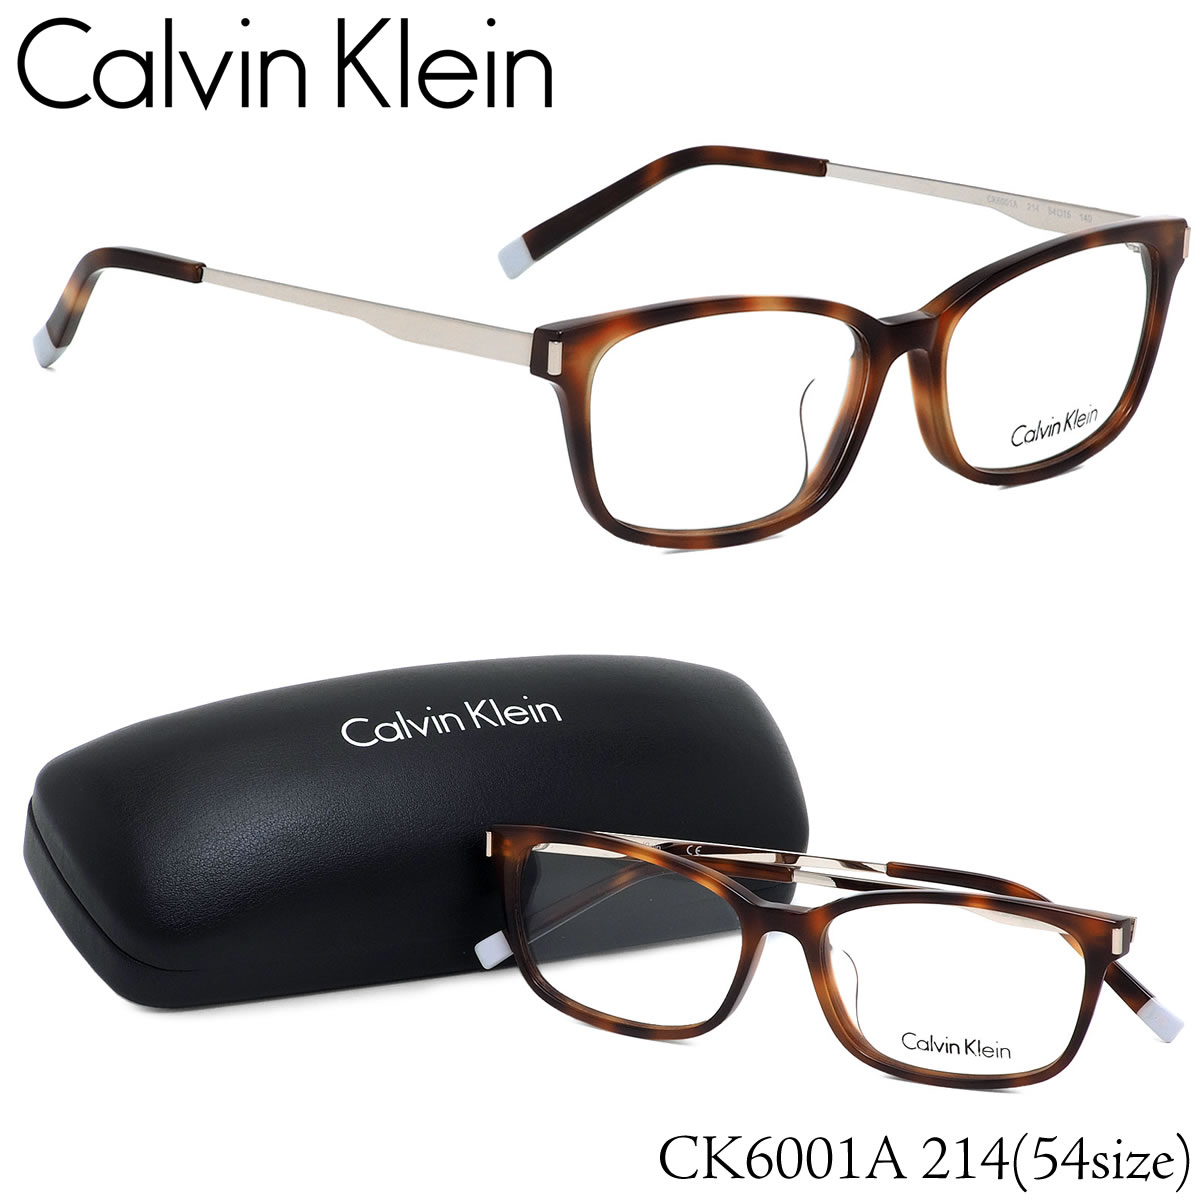 【10月30日からエントリーで全品ポイント20倍】カルバンクライン Calvin Klein メガネCK6001A 214 54サイズck ウエリントン コンビネーション デミカルバンクライン CalvinKlein メンズ レディース